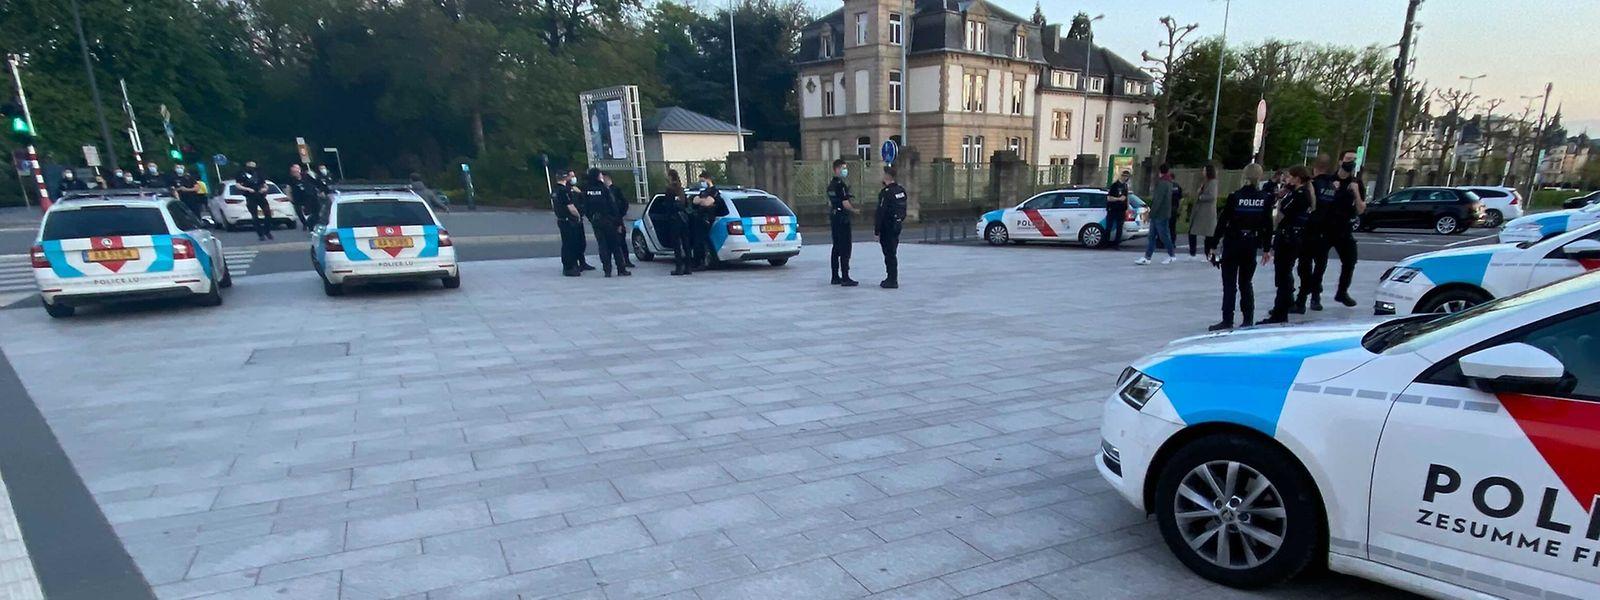 Mit zahlreichen Einsatzfahrzeugen war die Polizei am Abend vor dem Feiertag vor Ort.